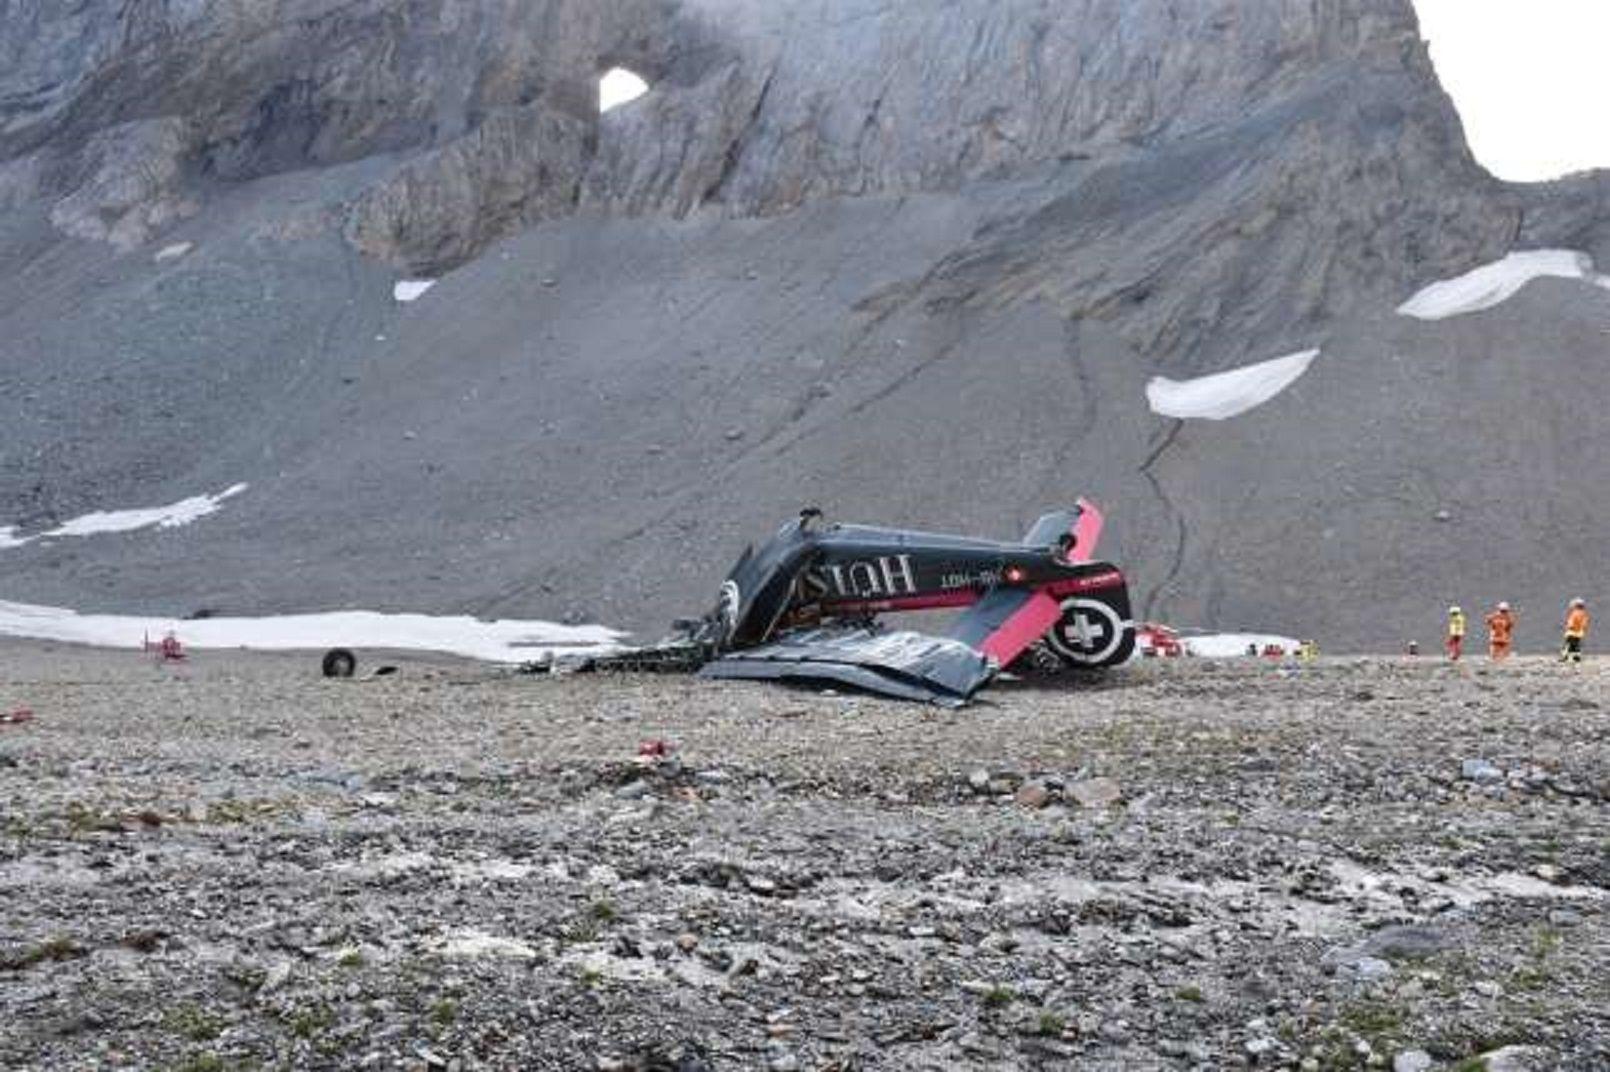 Los restos de la aeronave operado por JU-AIR